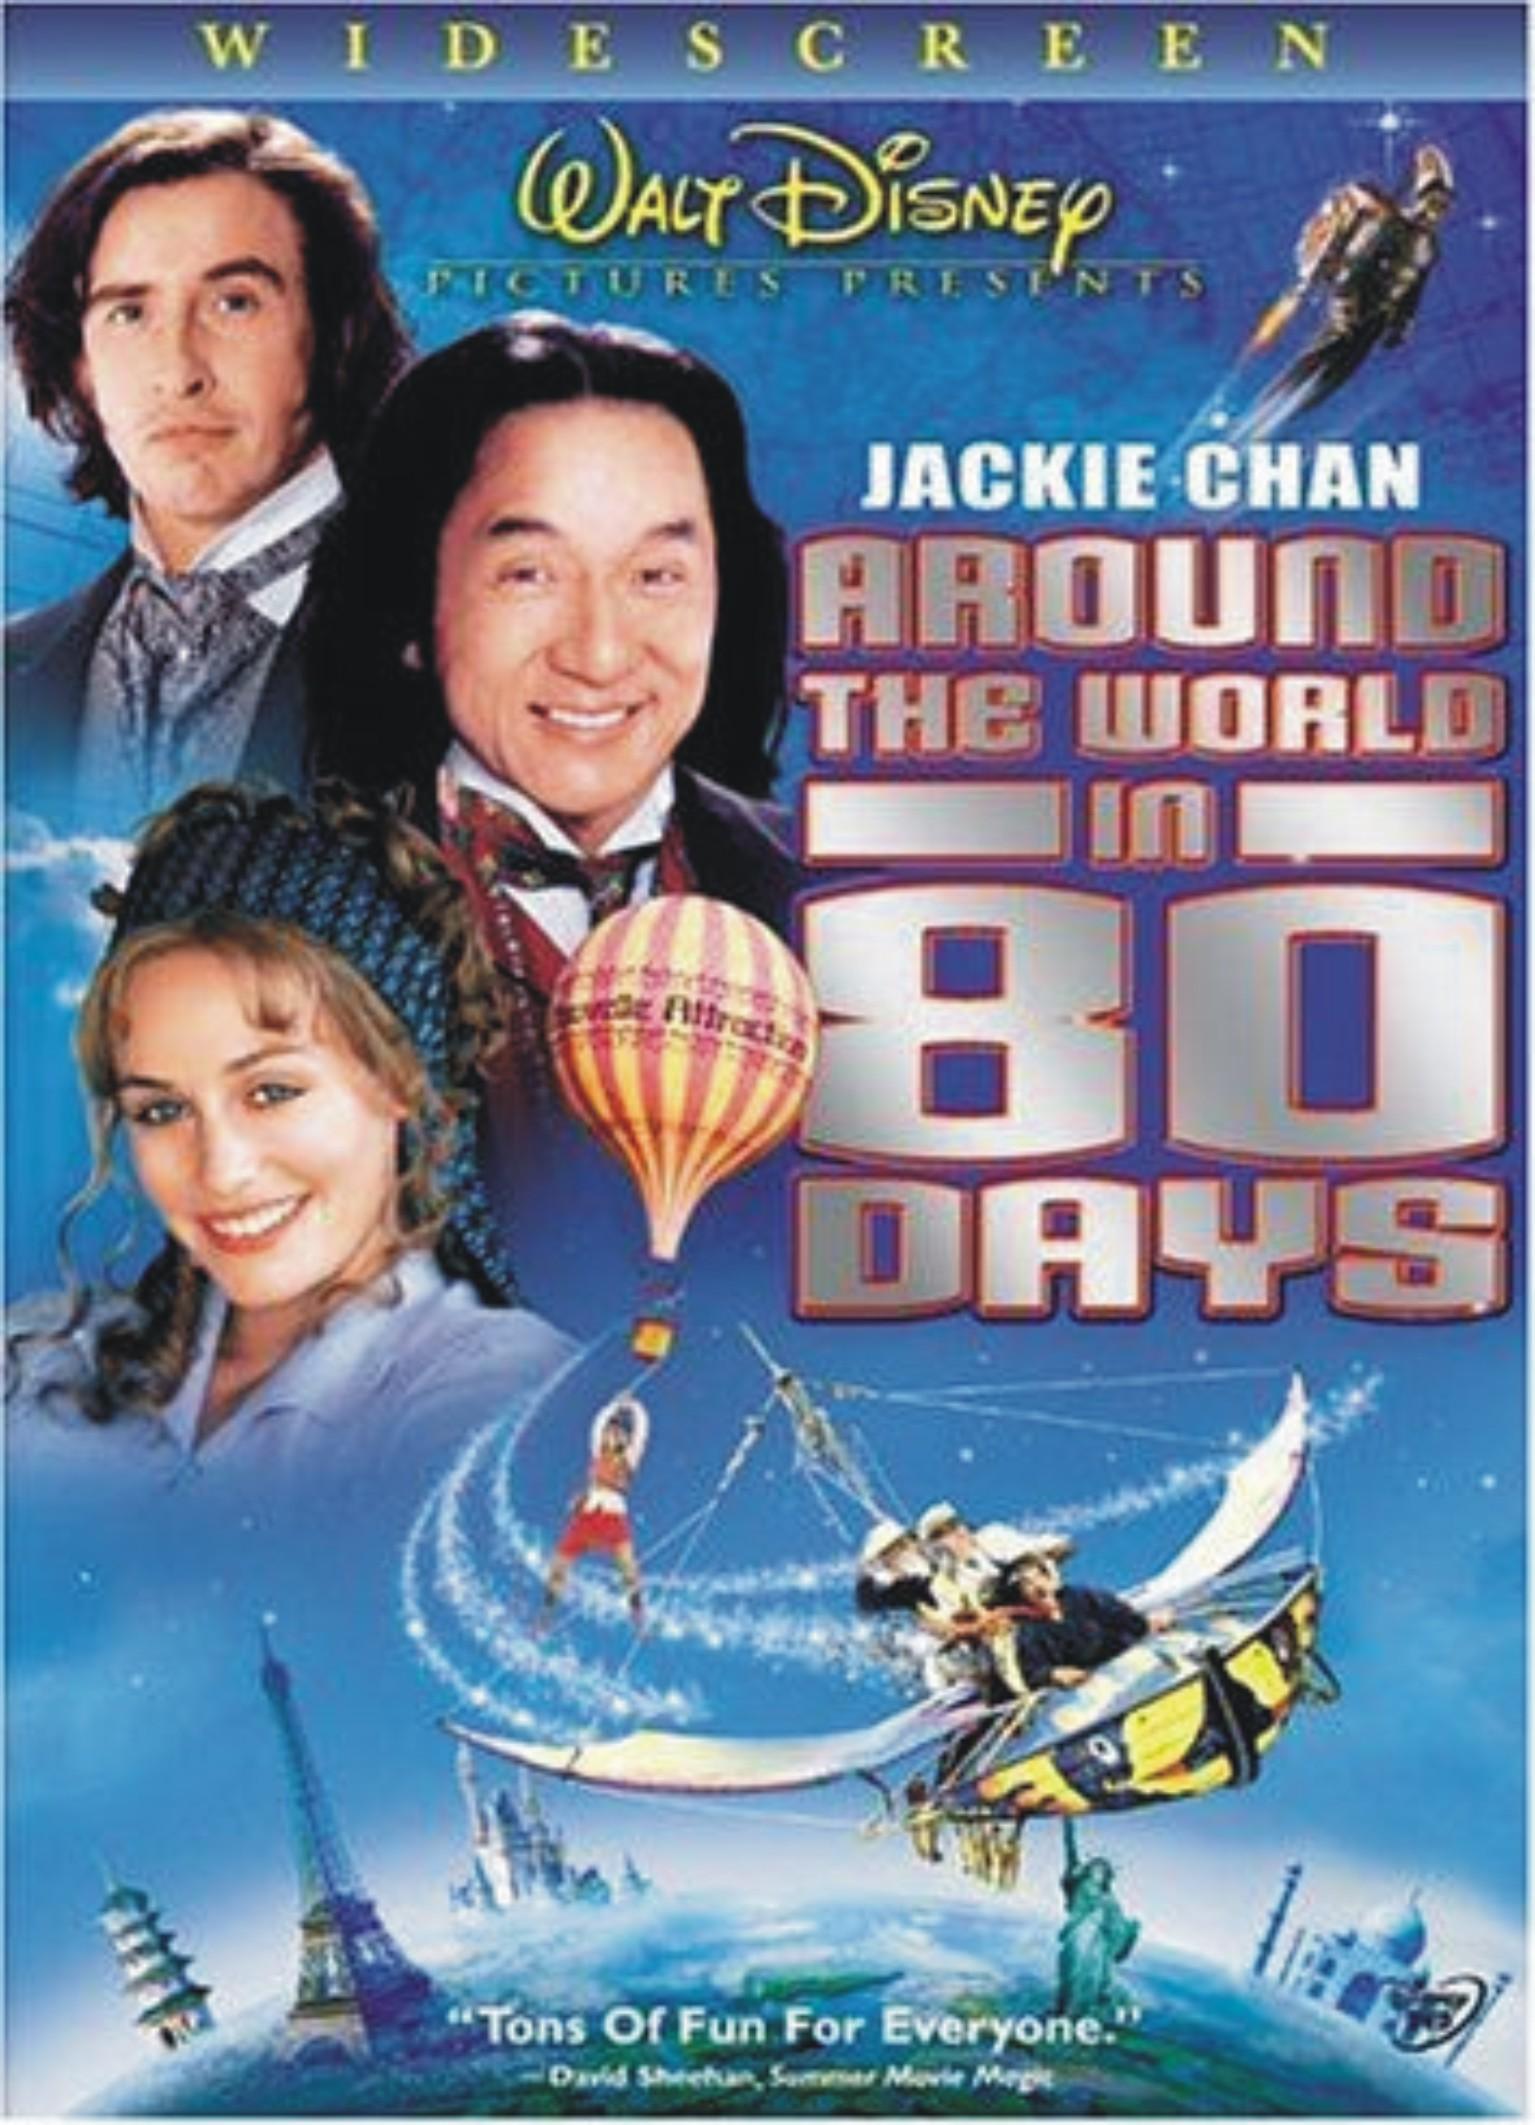 ۸۰ روز دور دنیا (جکی جان)